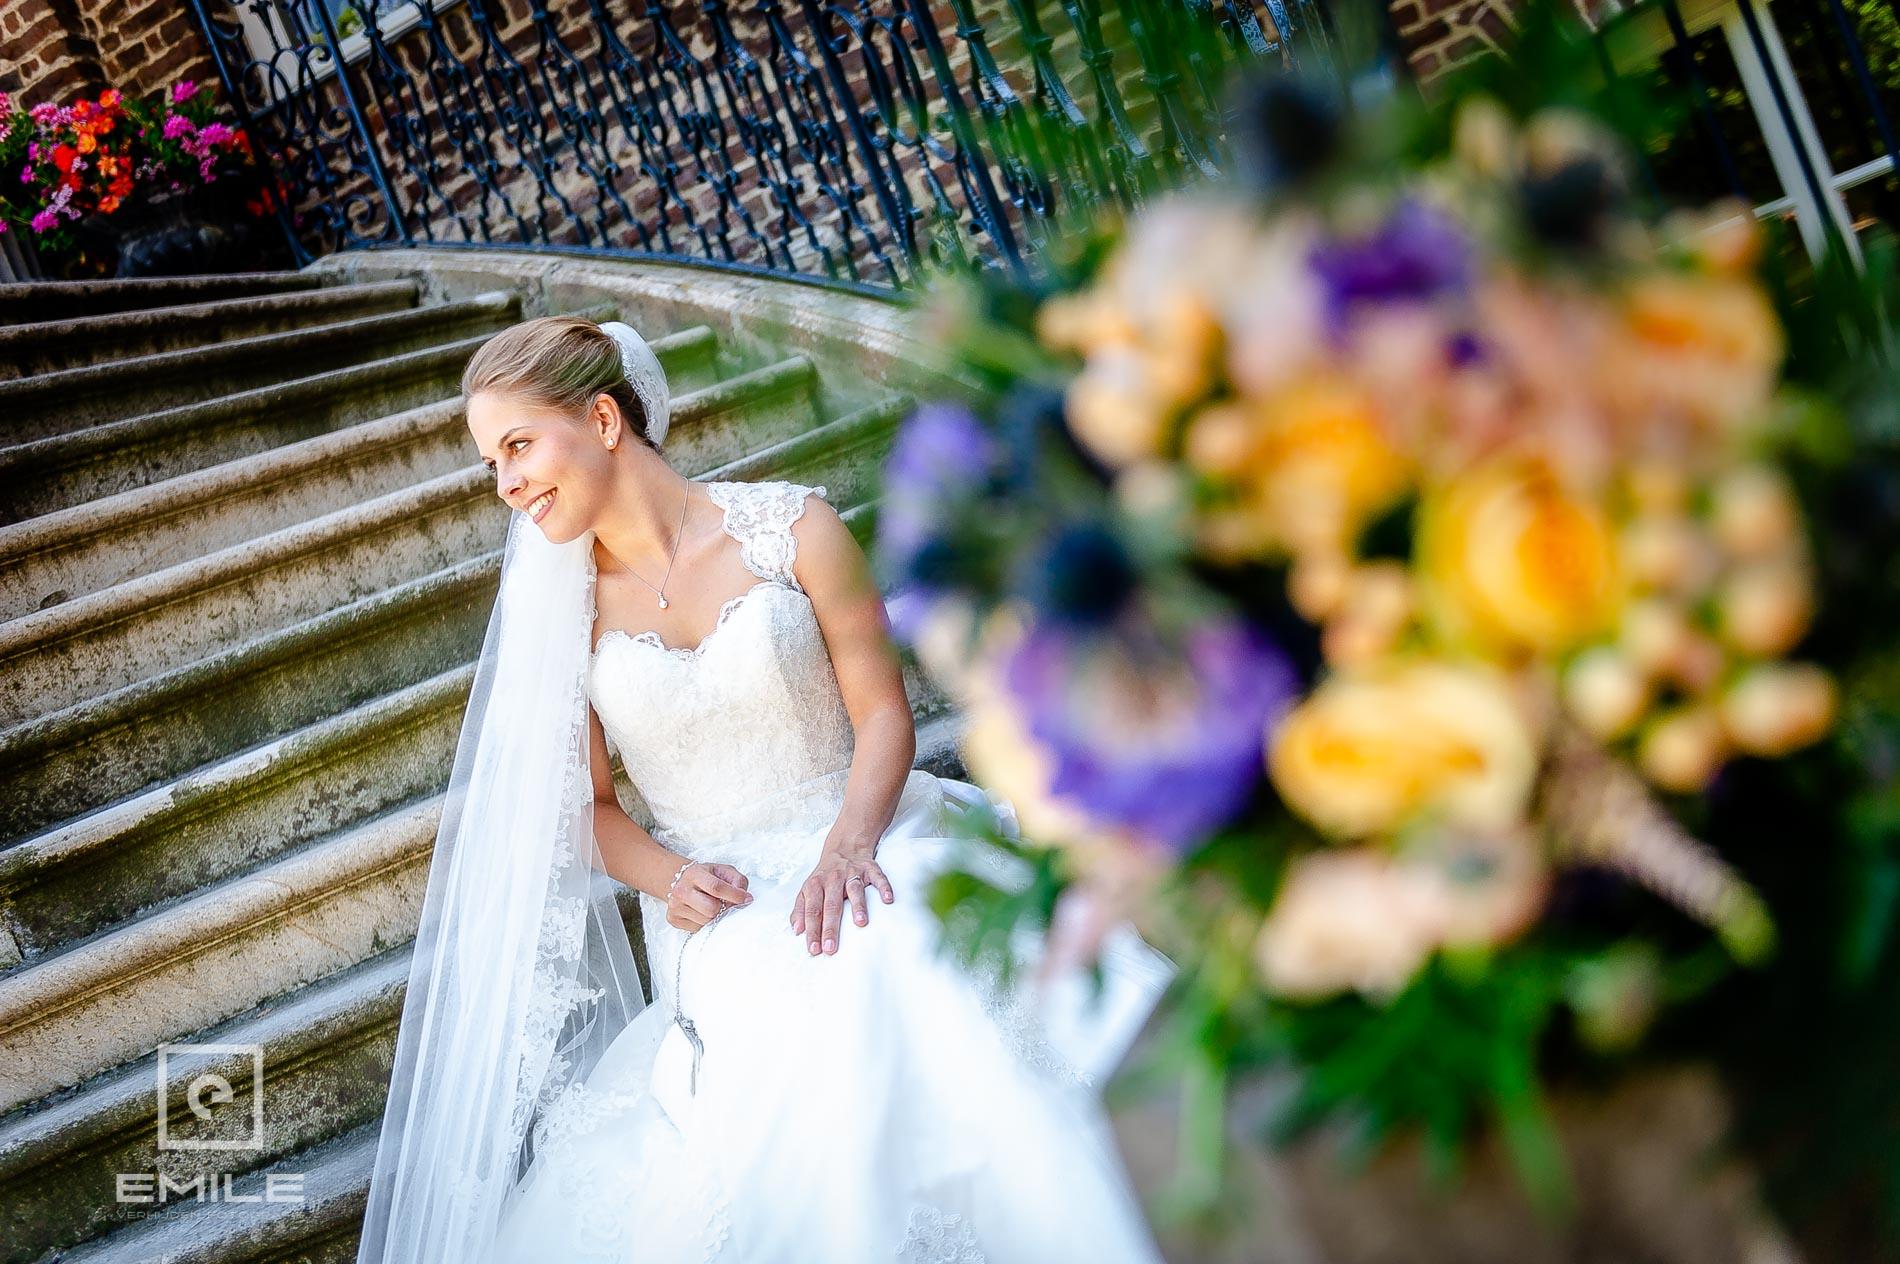 Scherpte diepte foto van bruid op trap  bij Kasteeltuinen Arcen